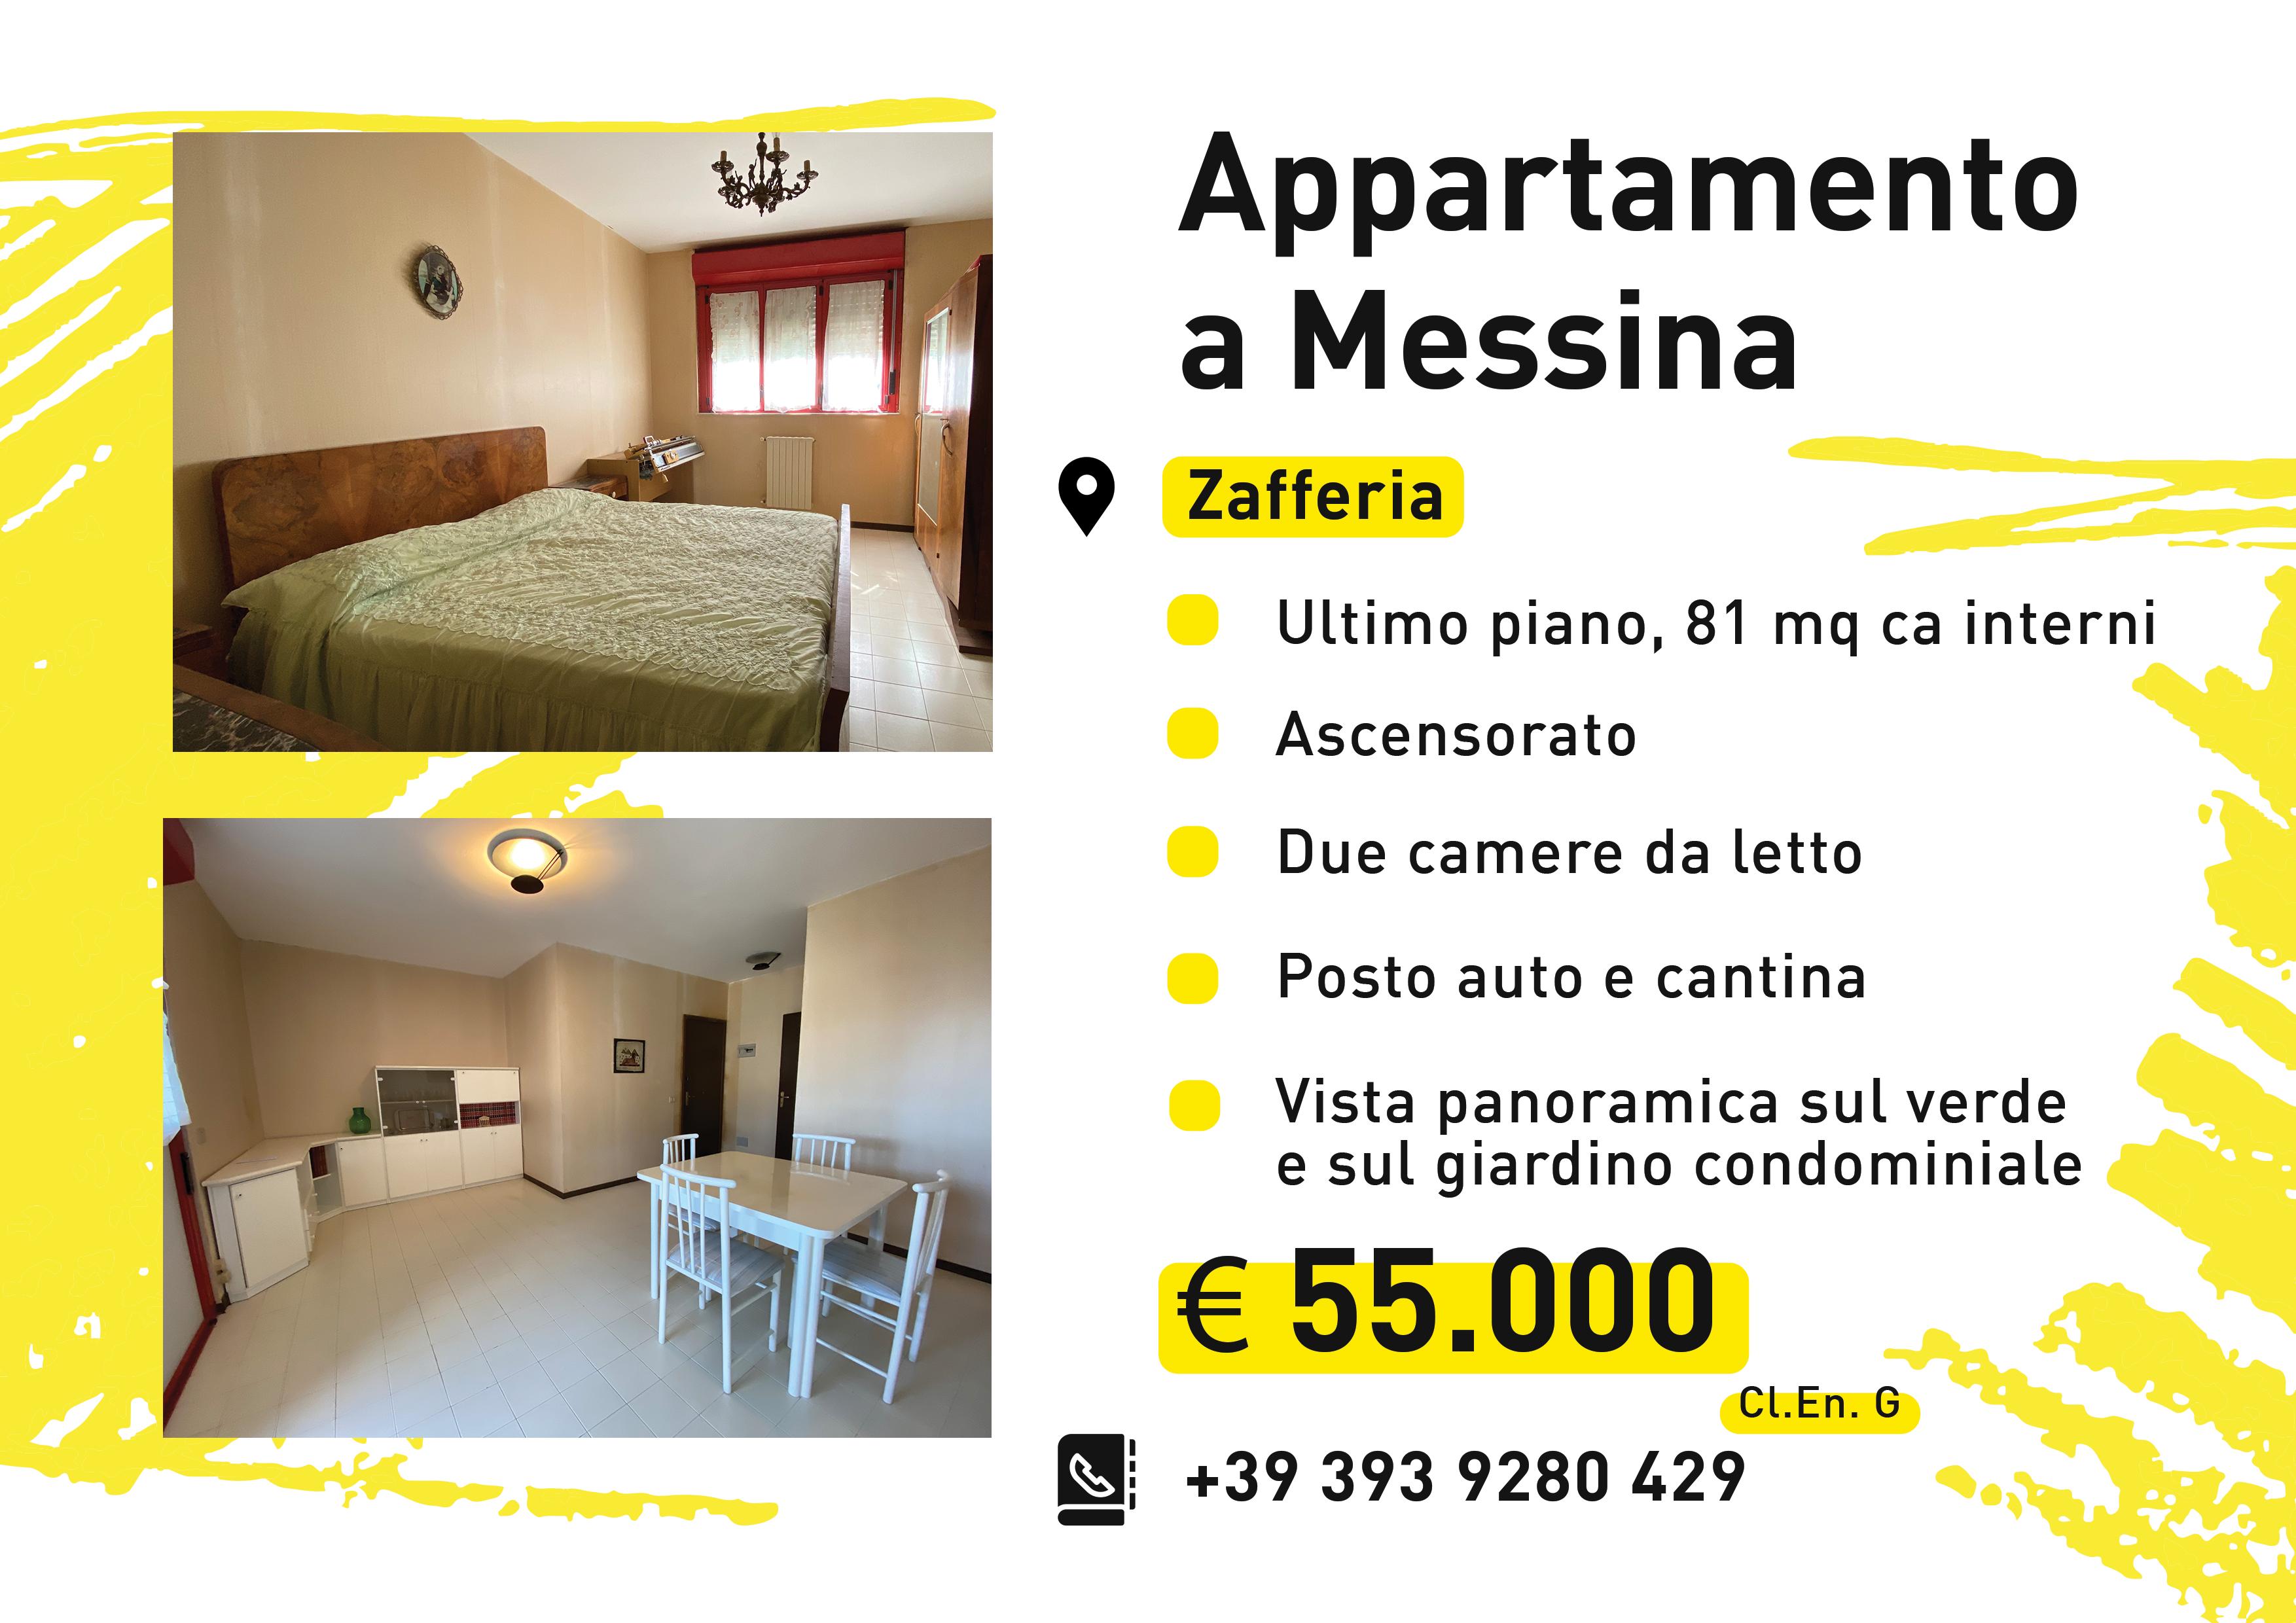 annuncio_messina